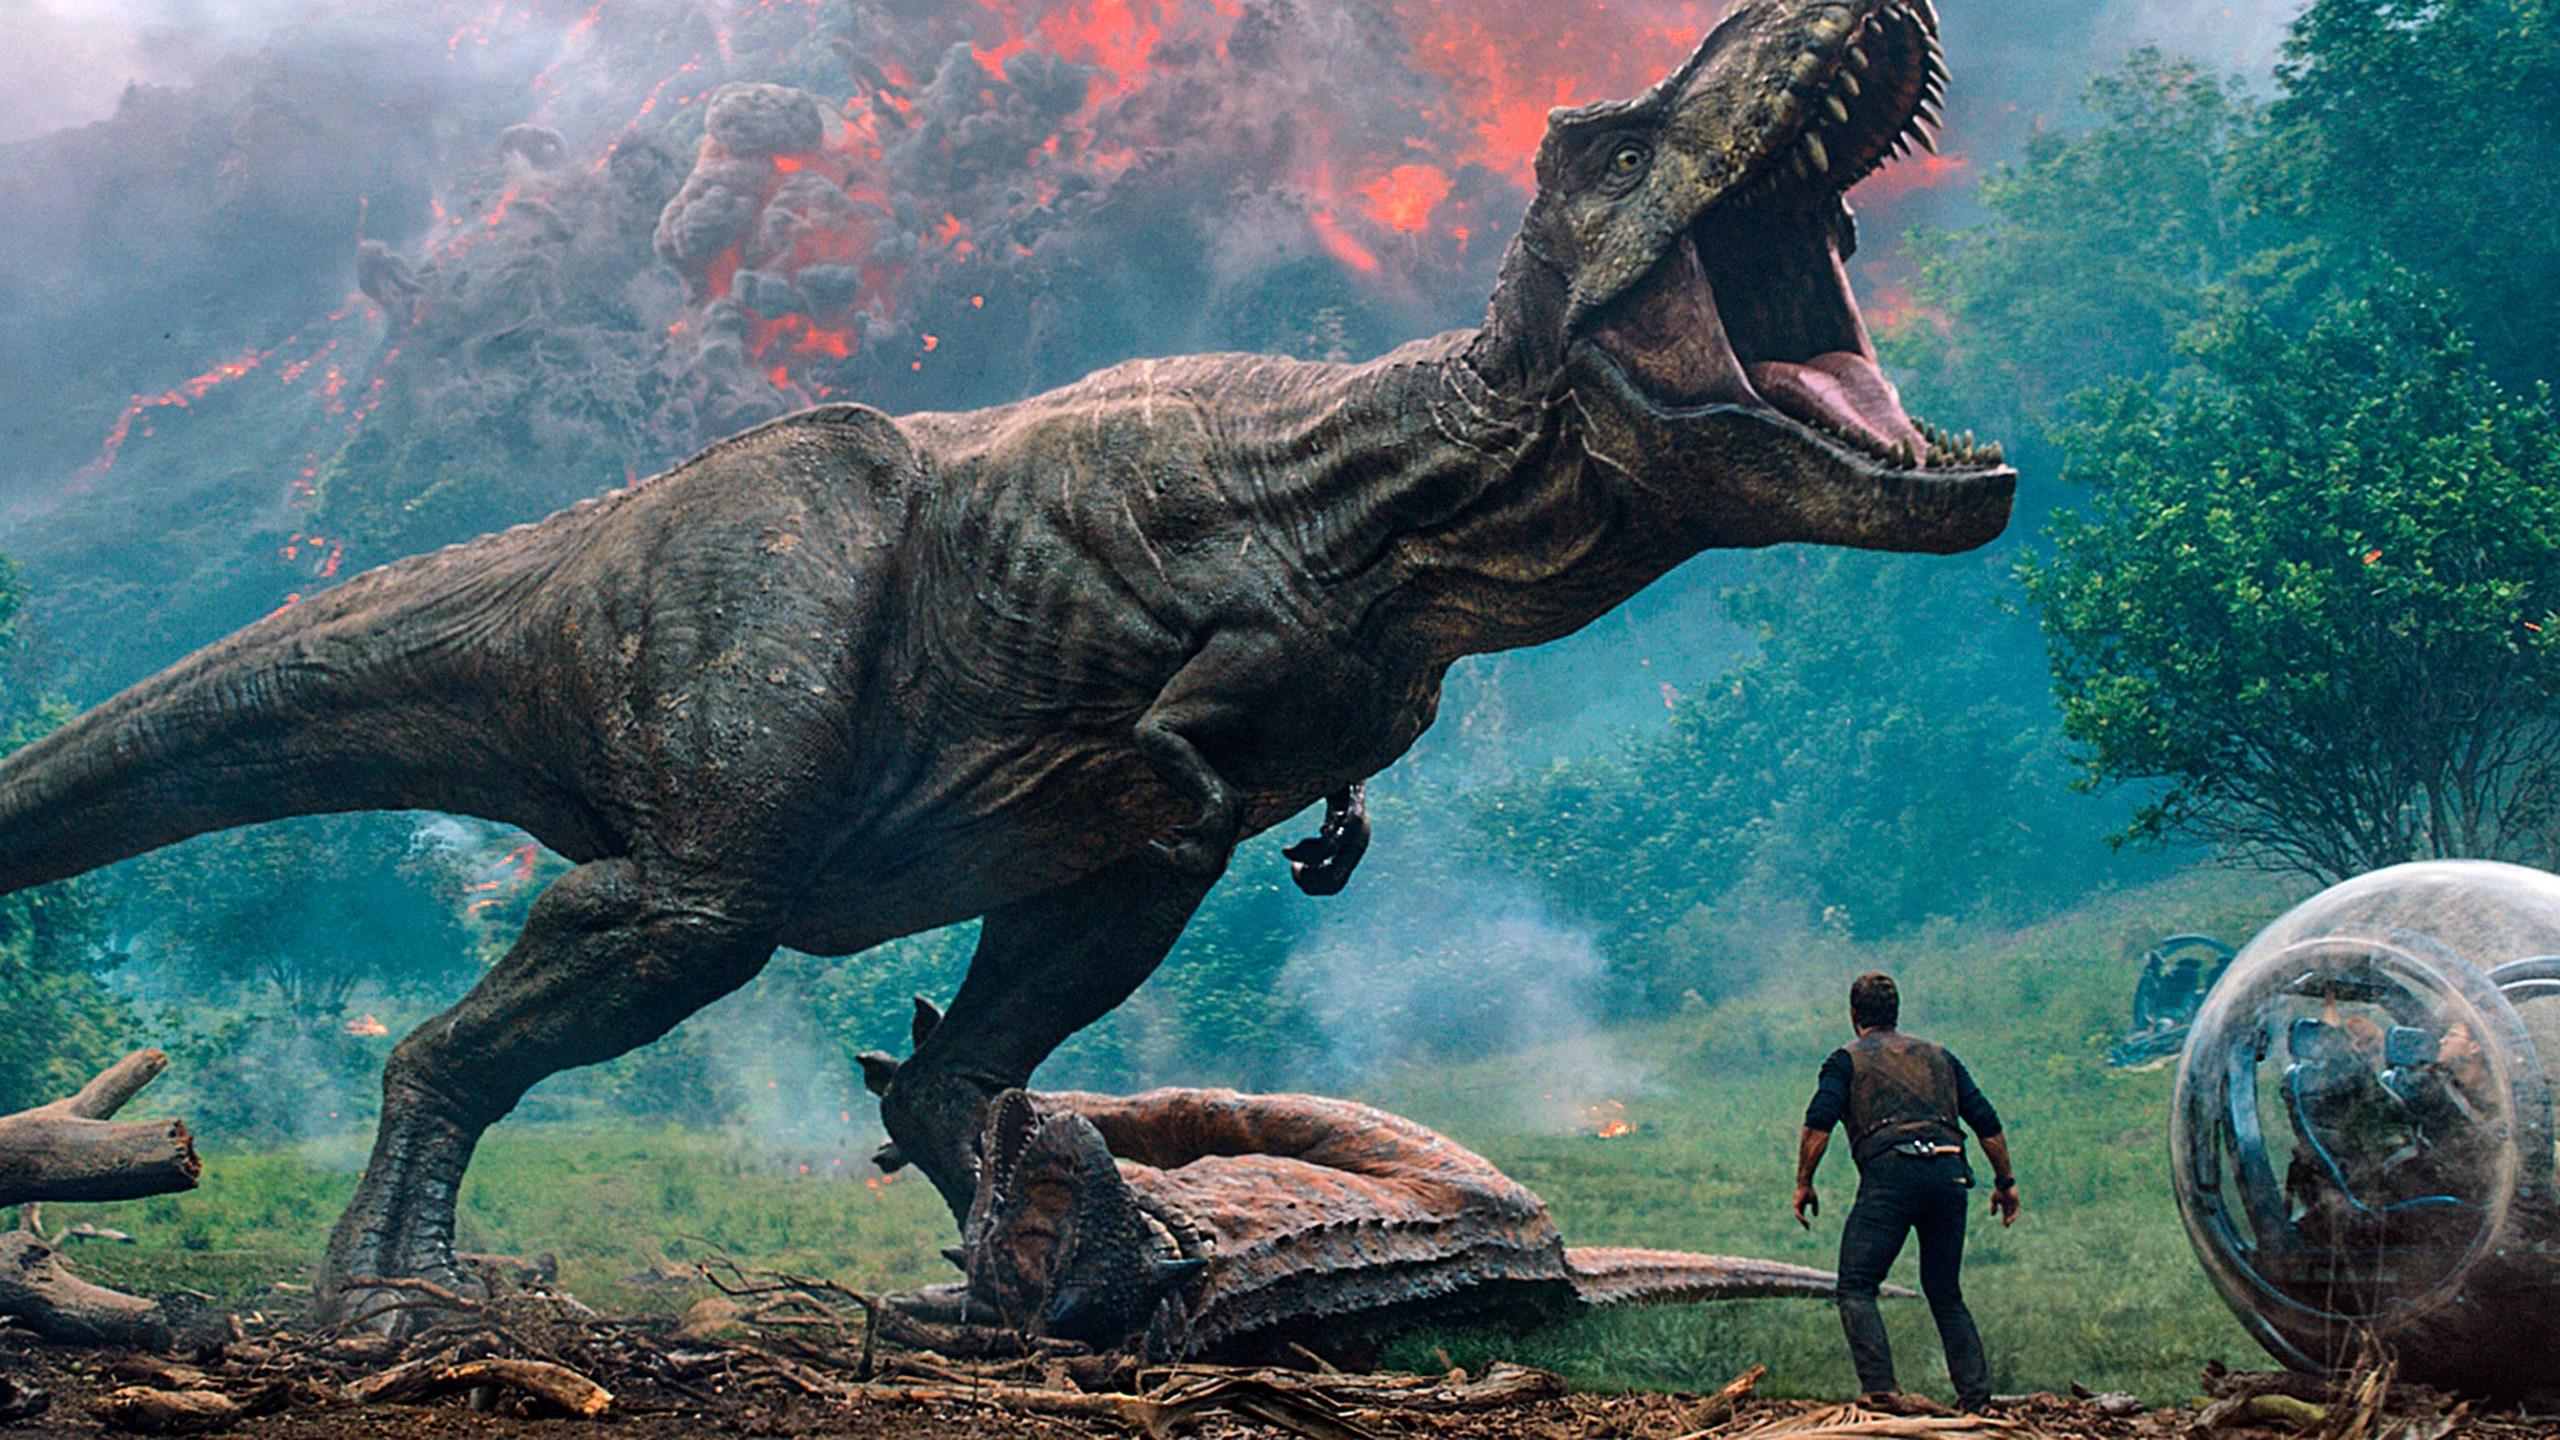 Jurassic_World-Volcano_Reaction_05740-159532.jpg48763901